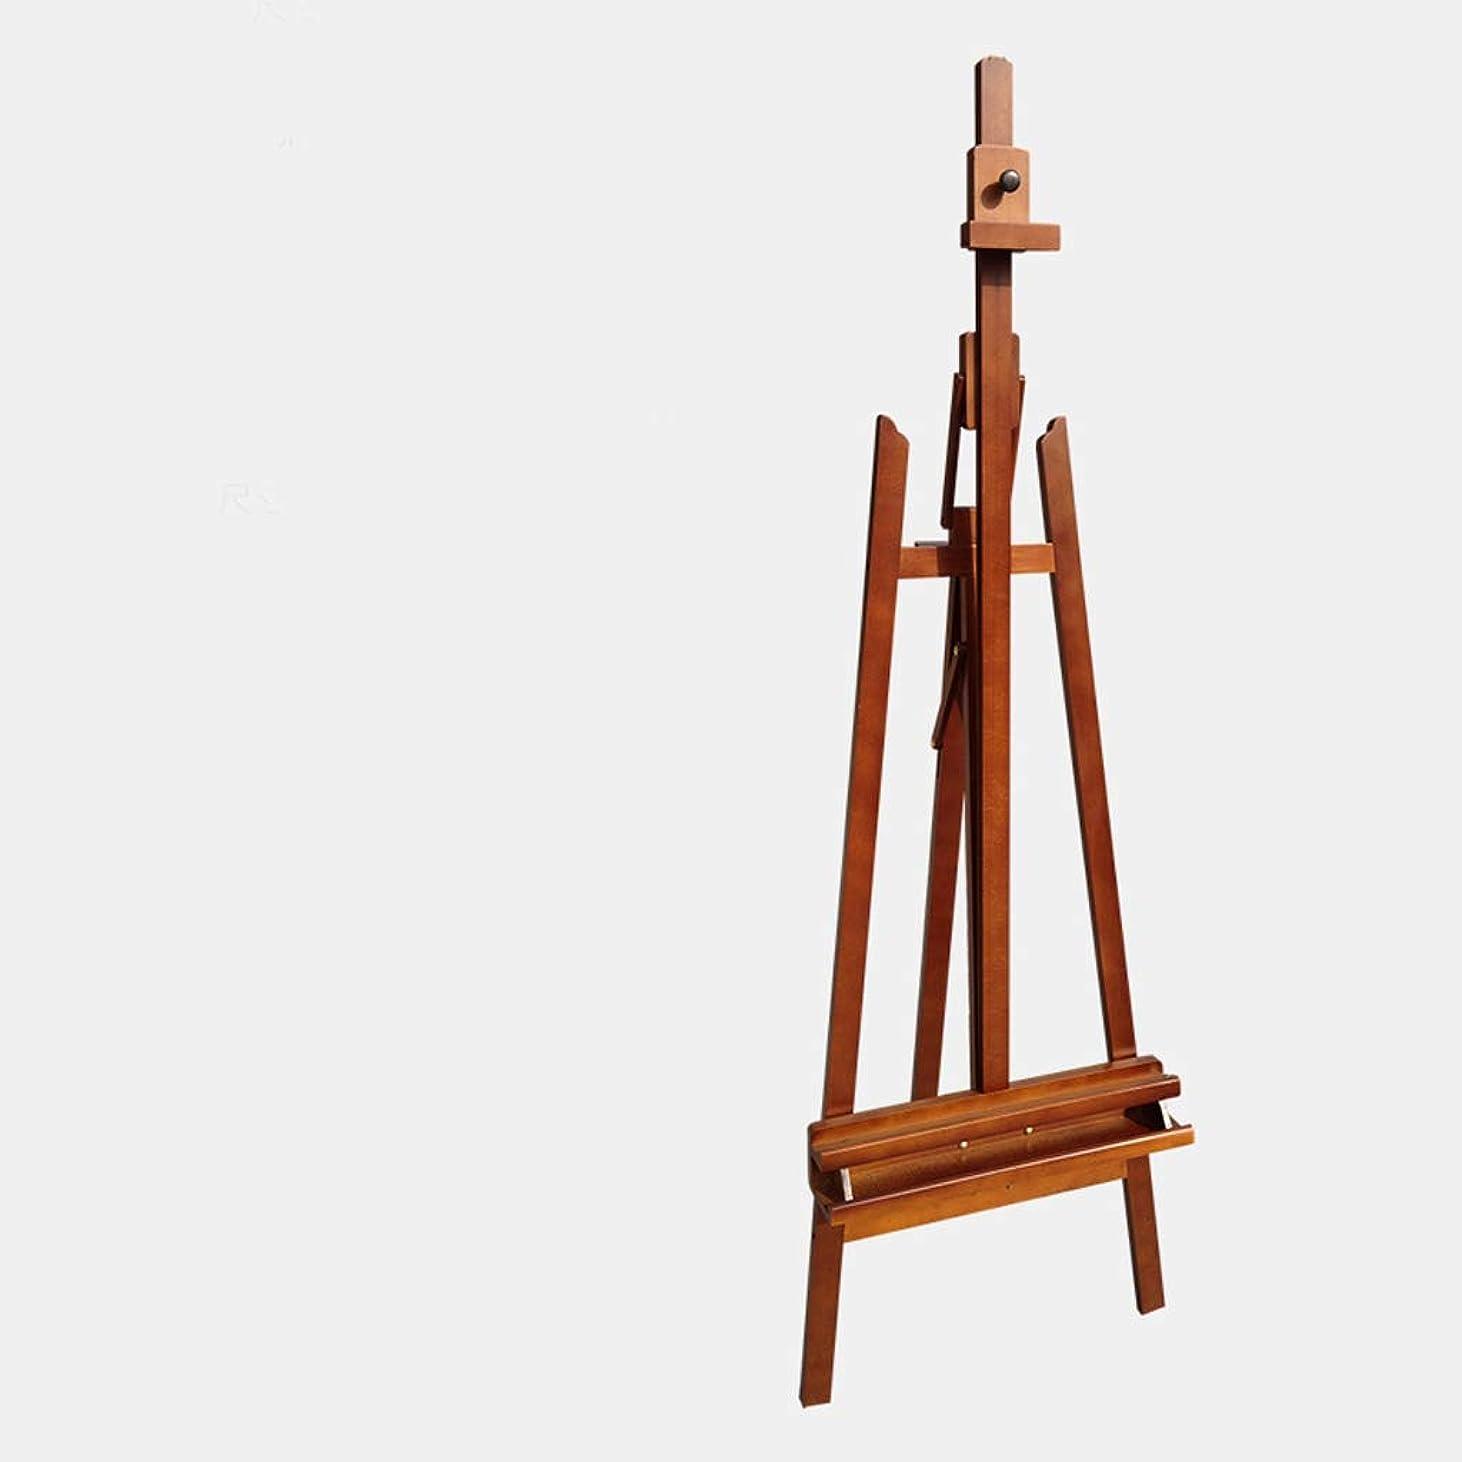 の頭の上検出器生き物170cmの純木の芸術のイーゼル、前後に傾けることができる、マルチアングルの使用、60 * 90 * 175(235)cm GHMOZ (Color : Reddish brown)